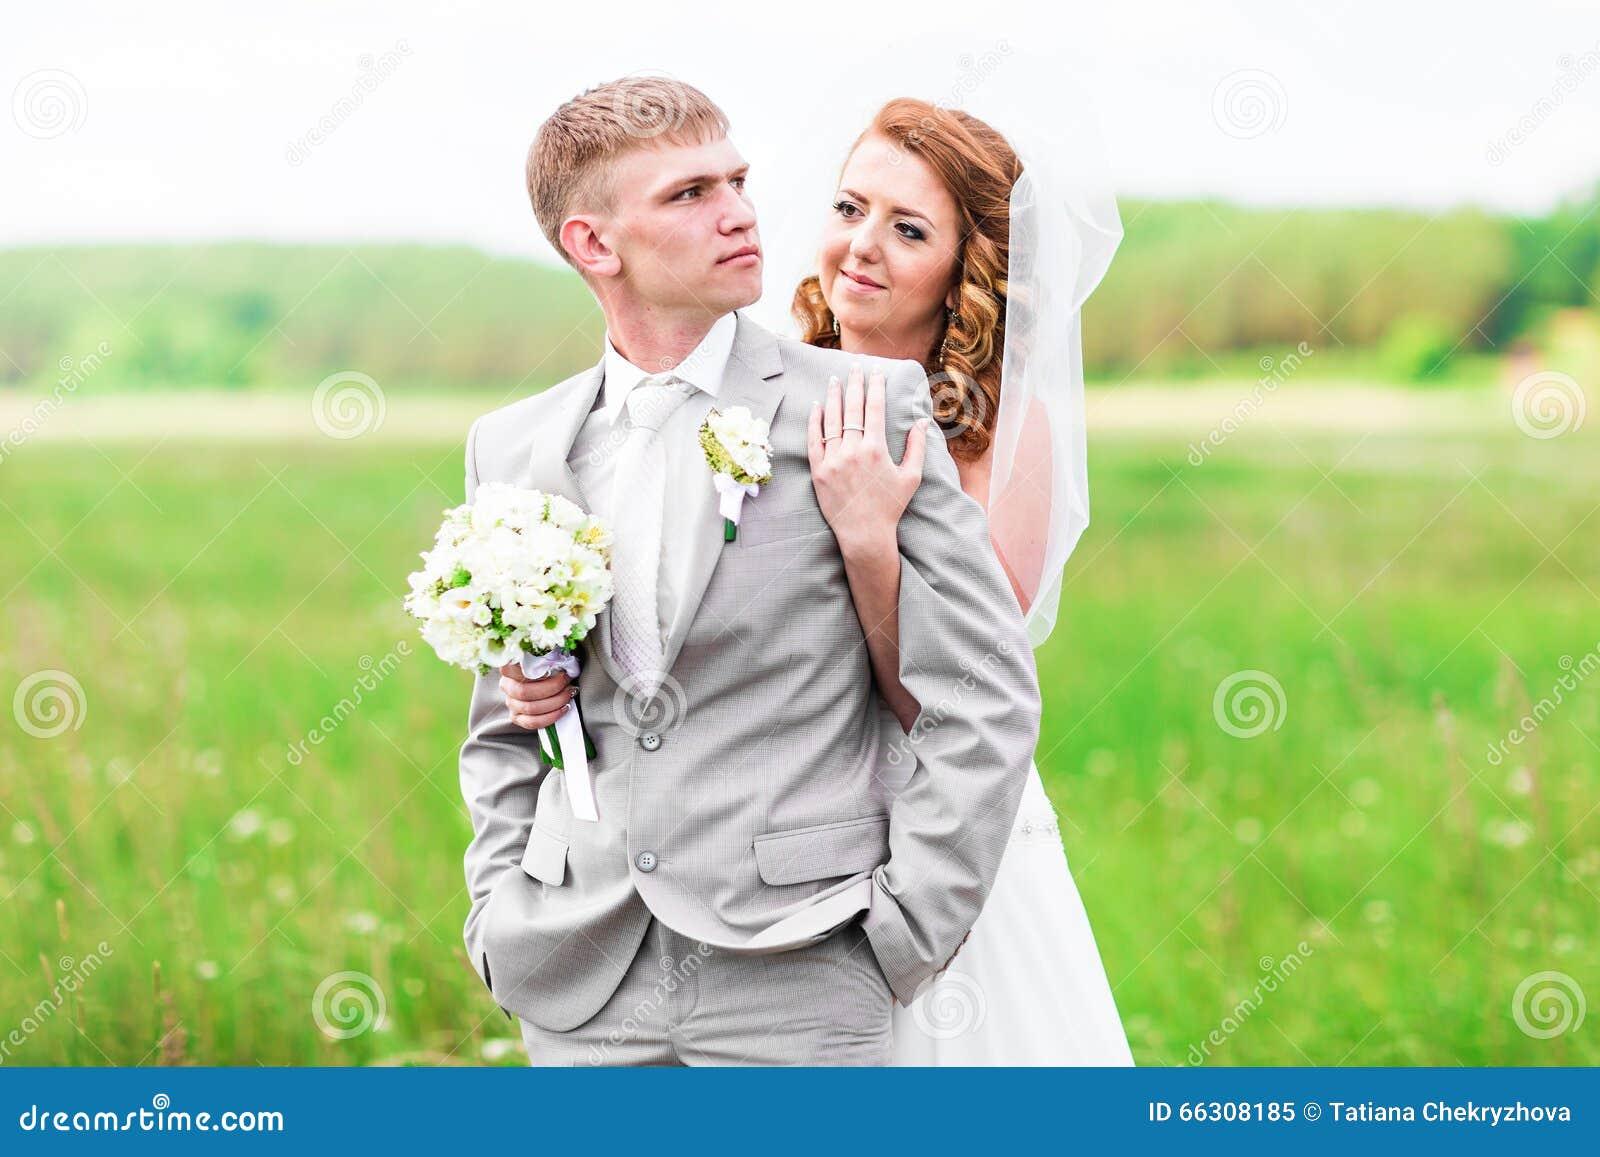 Tecknade Gift Par